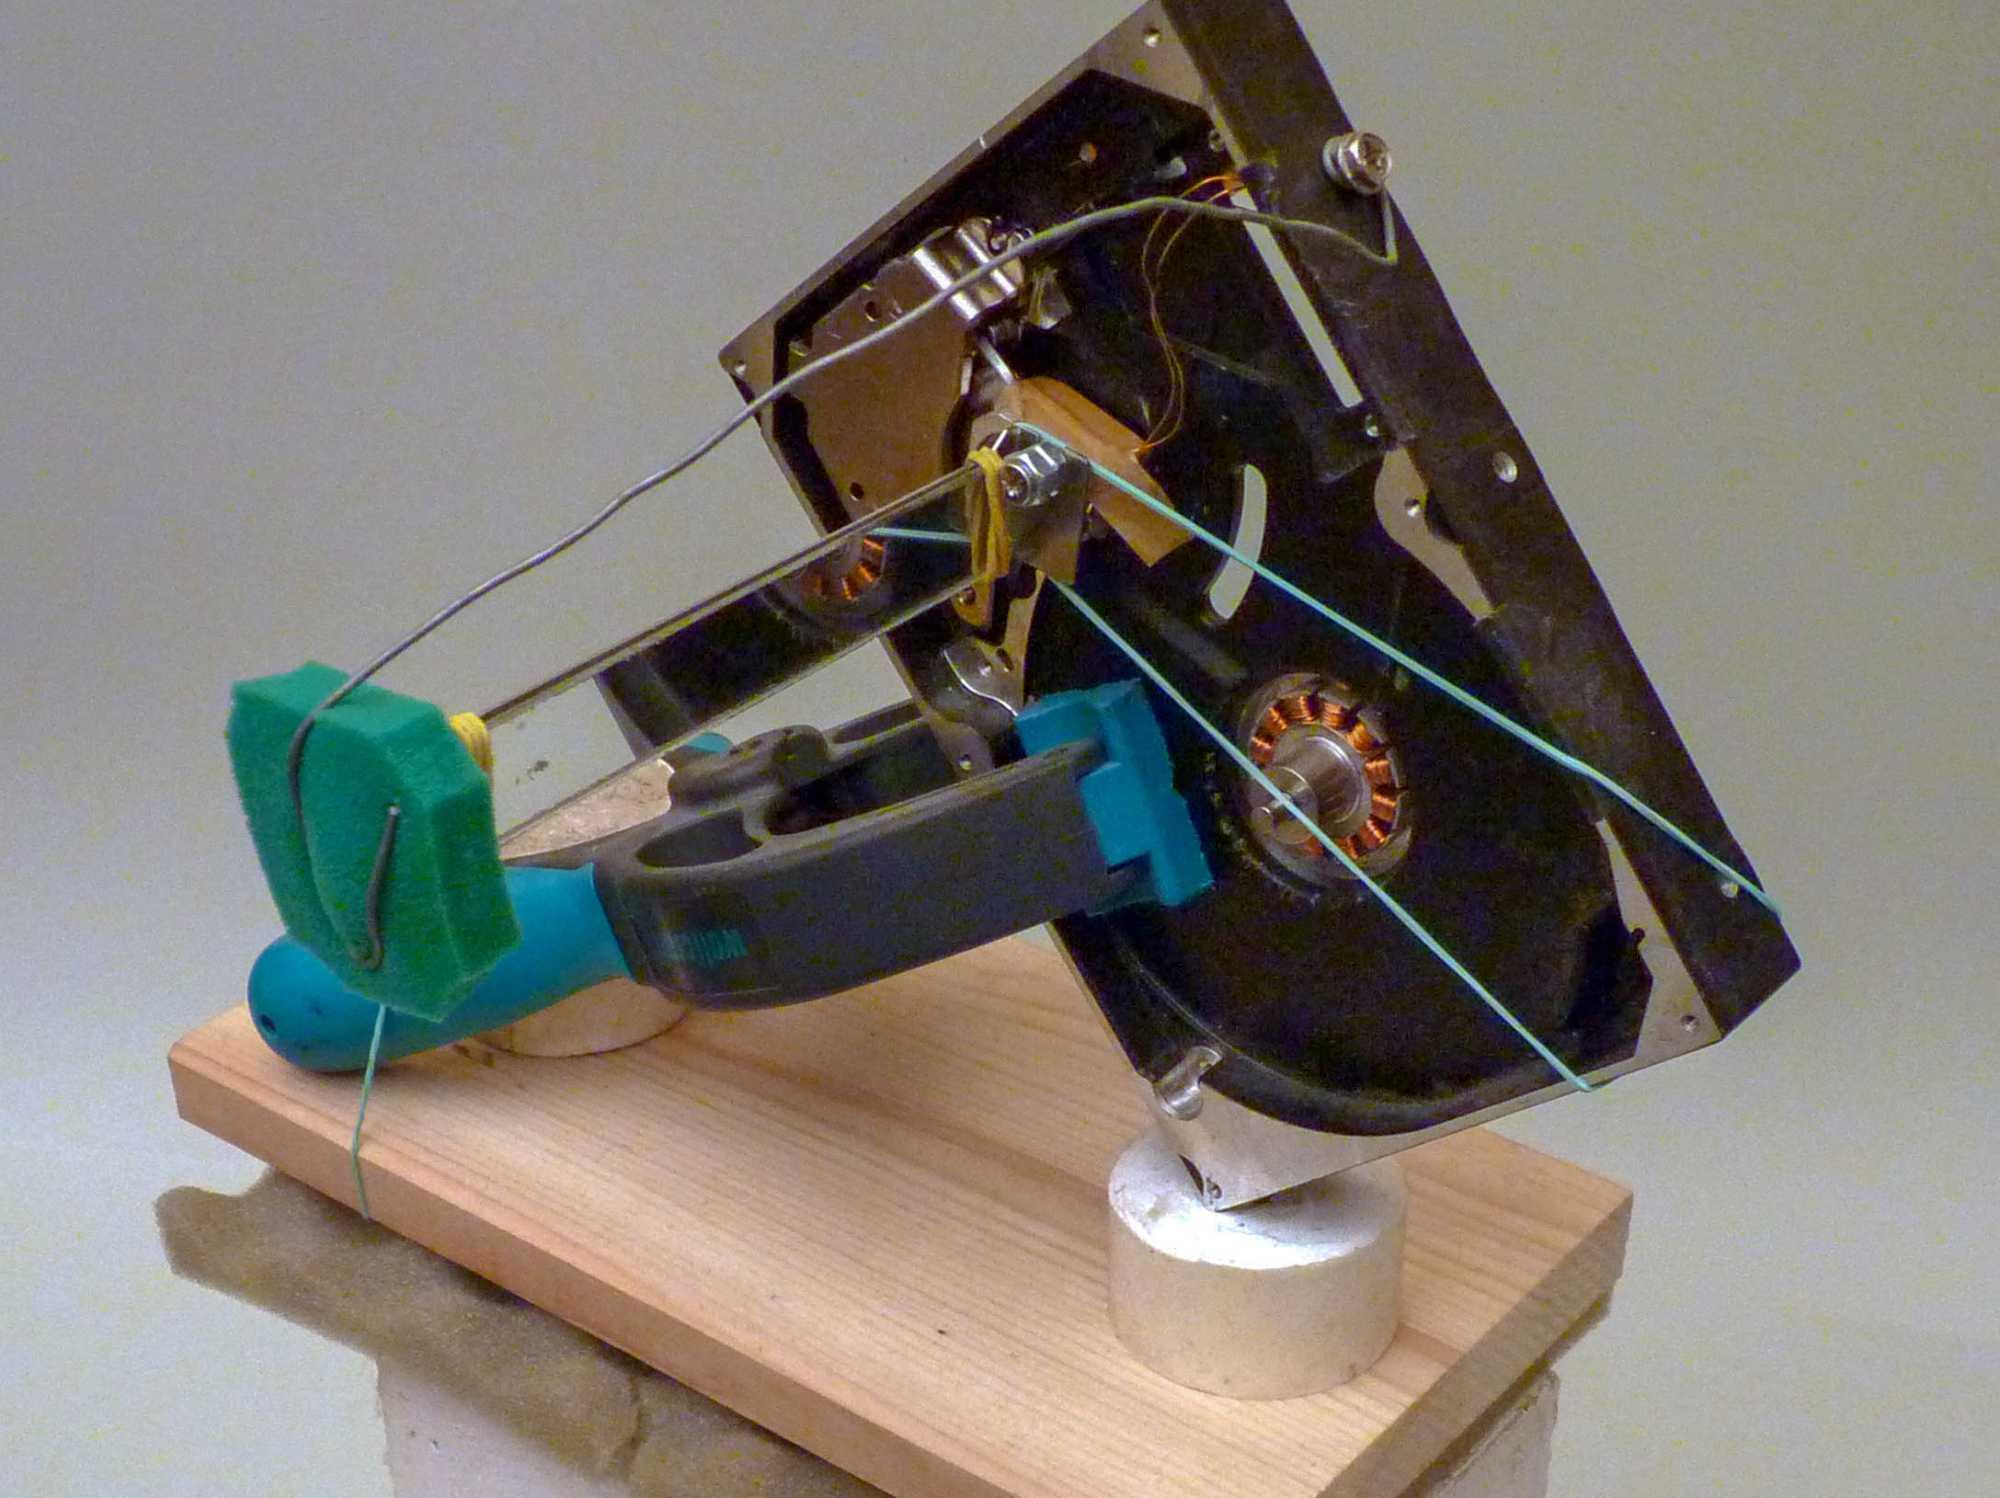 Vertikalablenkung von einem Laser-TV-Projektor, auf einem Kalksandstein montiert.